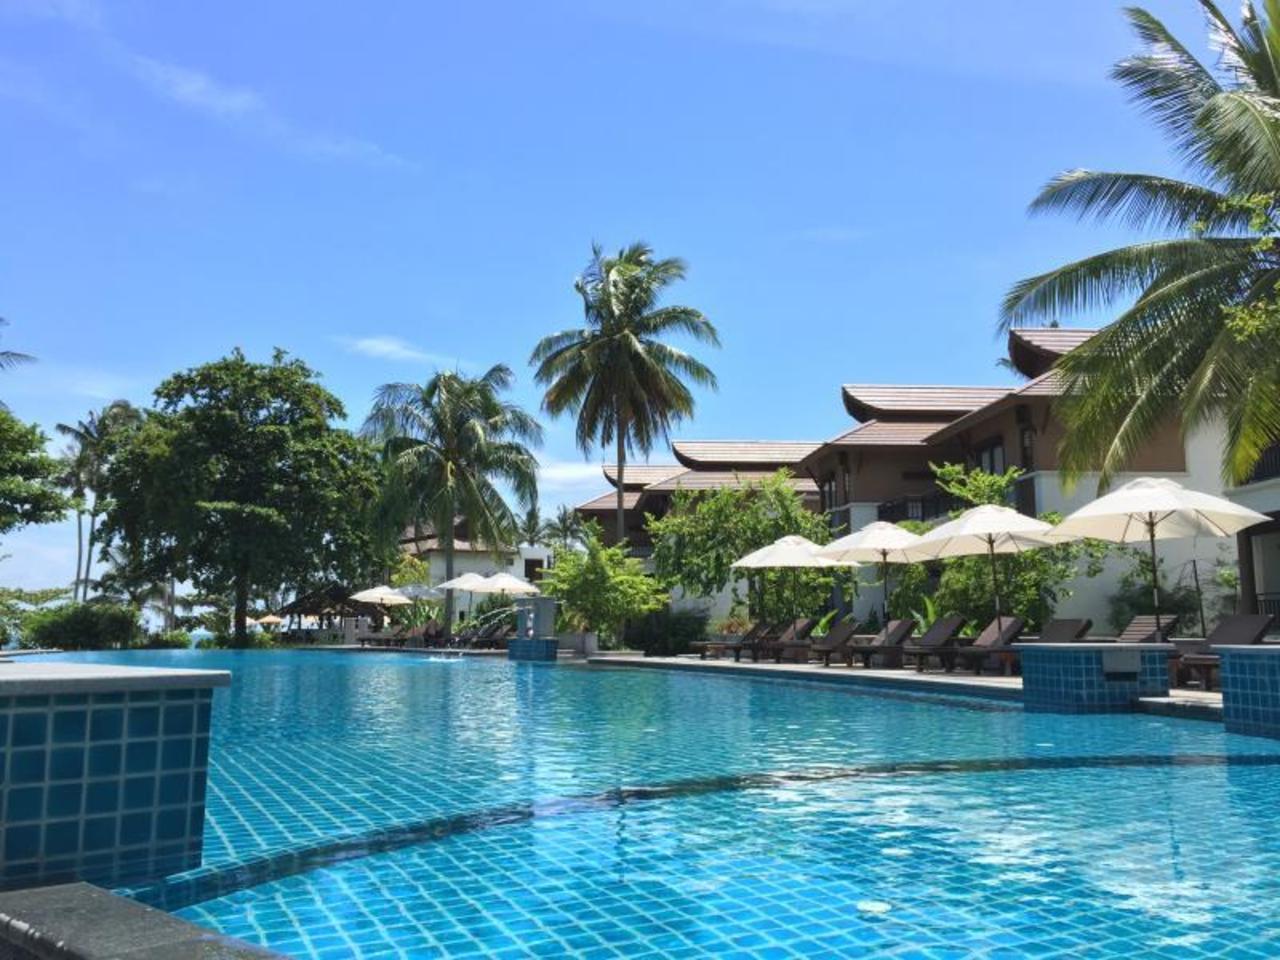 แม่หาด เบย์ รีสอร์ท (Maehaad Bay Resort)